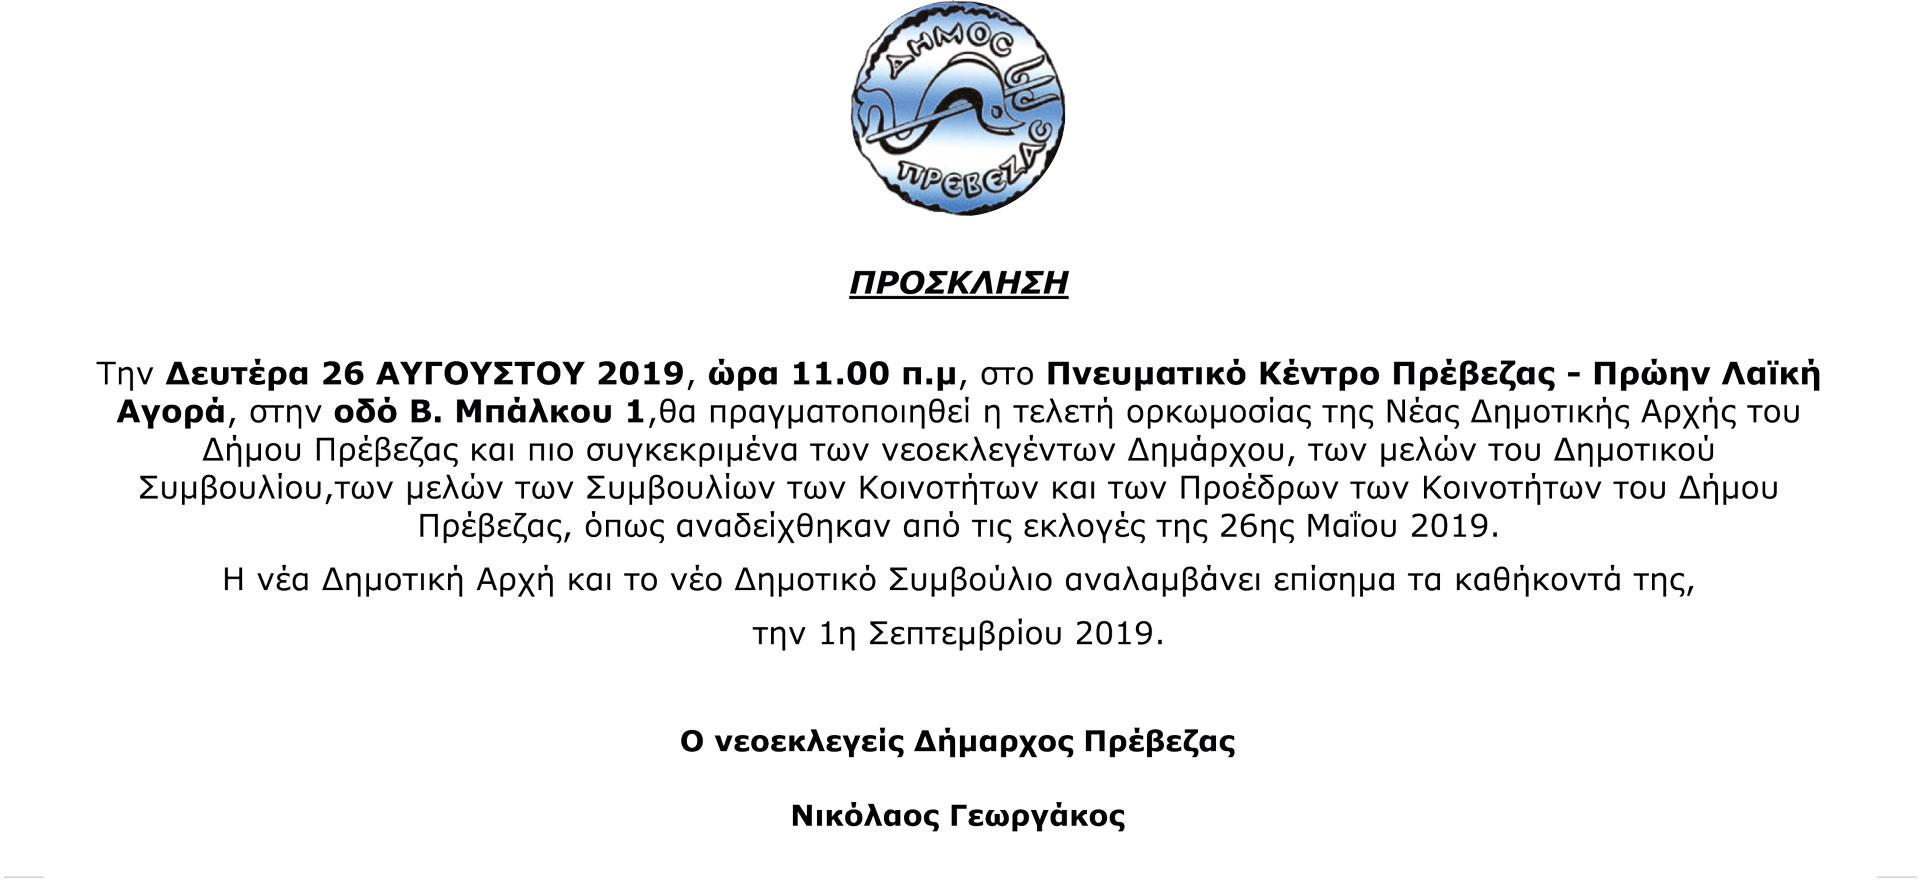 Πρόσκληση στην Τελετή Ορκωμοσίας του Νέου Δημάρχου Δήμου Πρέβεζας κ. Νίκου Γεωργάκου